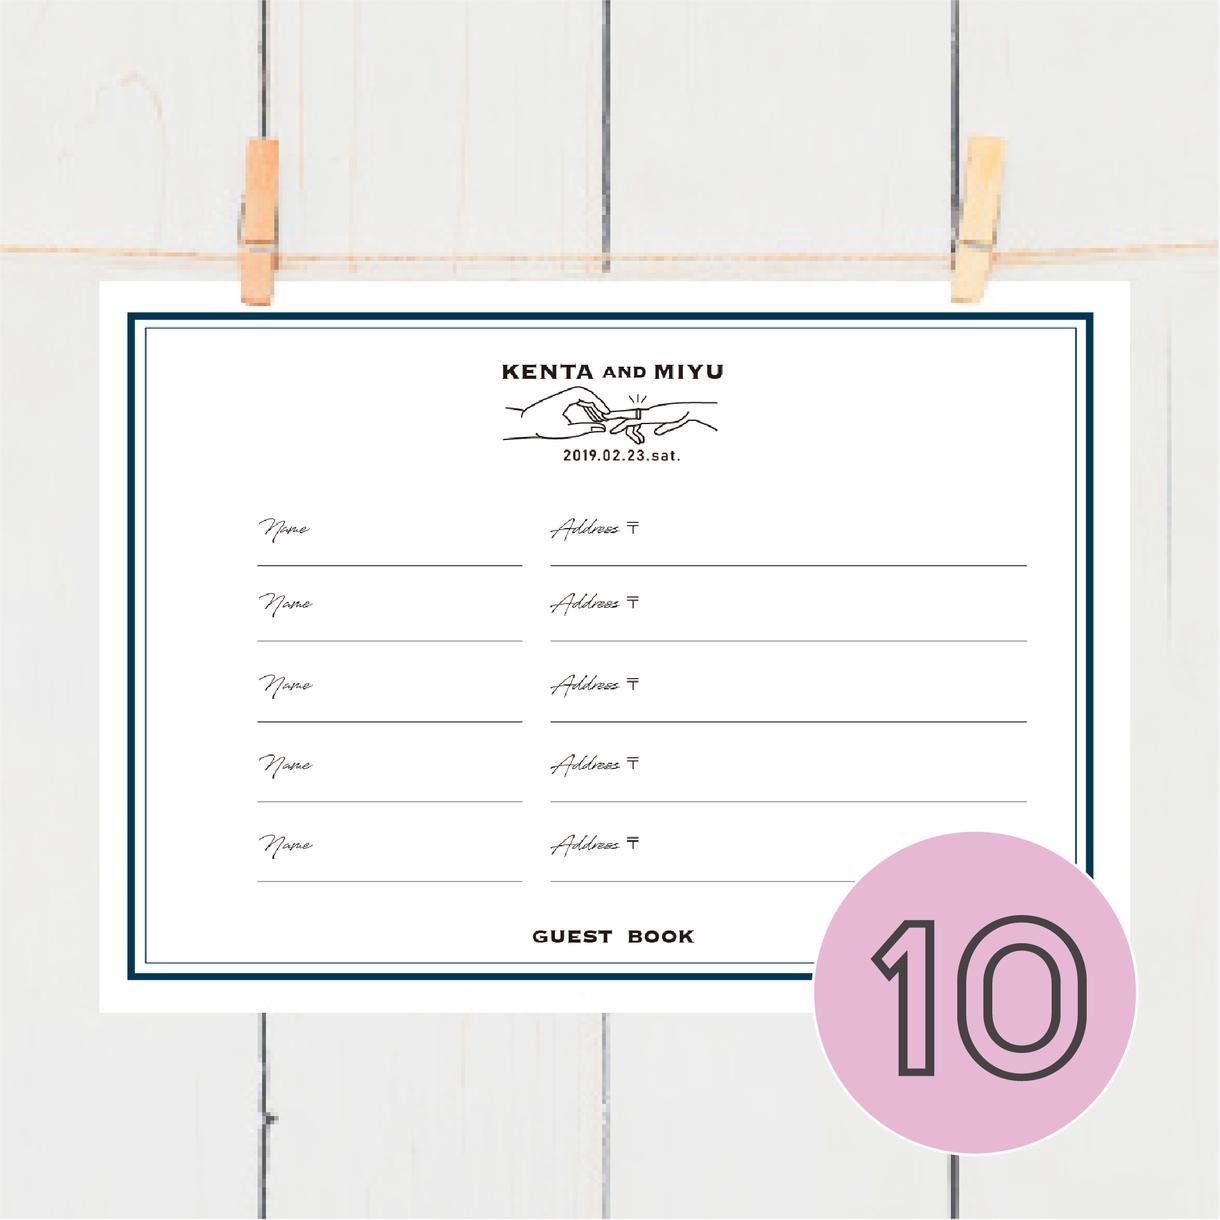 現物郵送も◎結婚式ゲストブック・芳名帳作成します 式場より格安★ナチュラルな結婚式をご希望の方に大人気です!